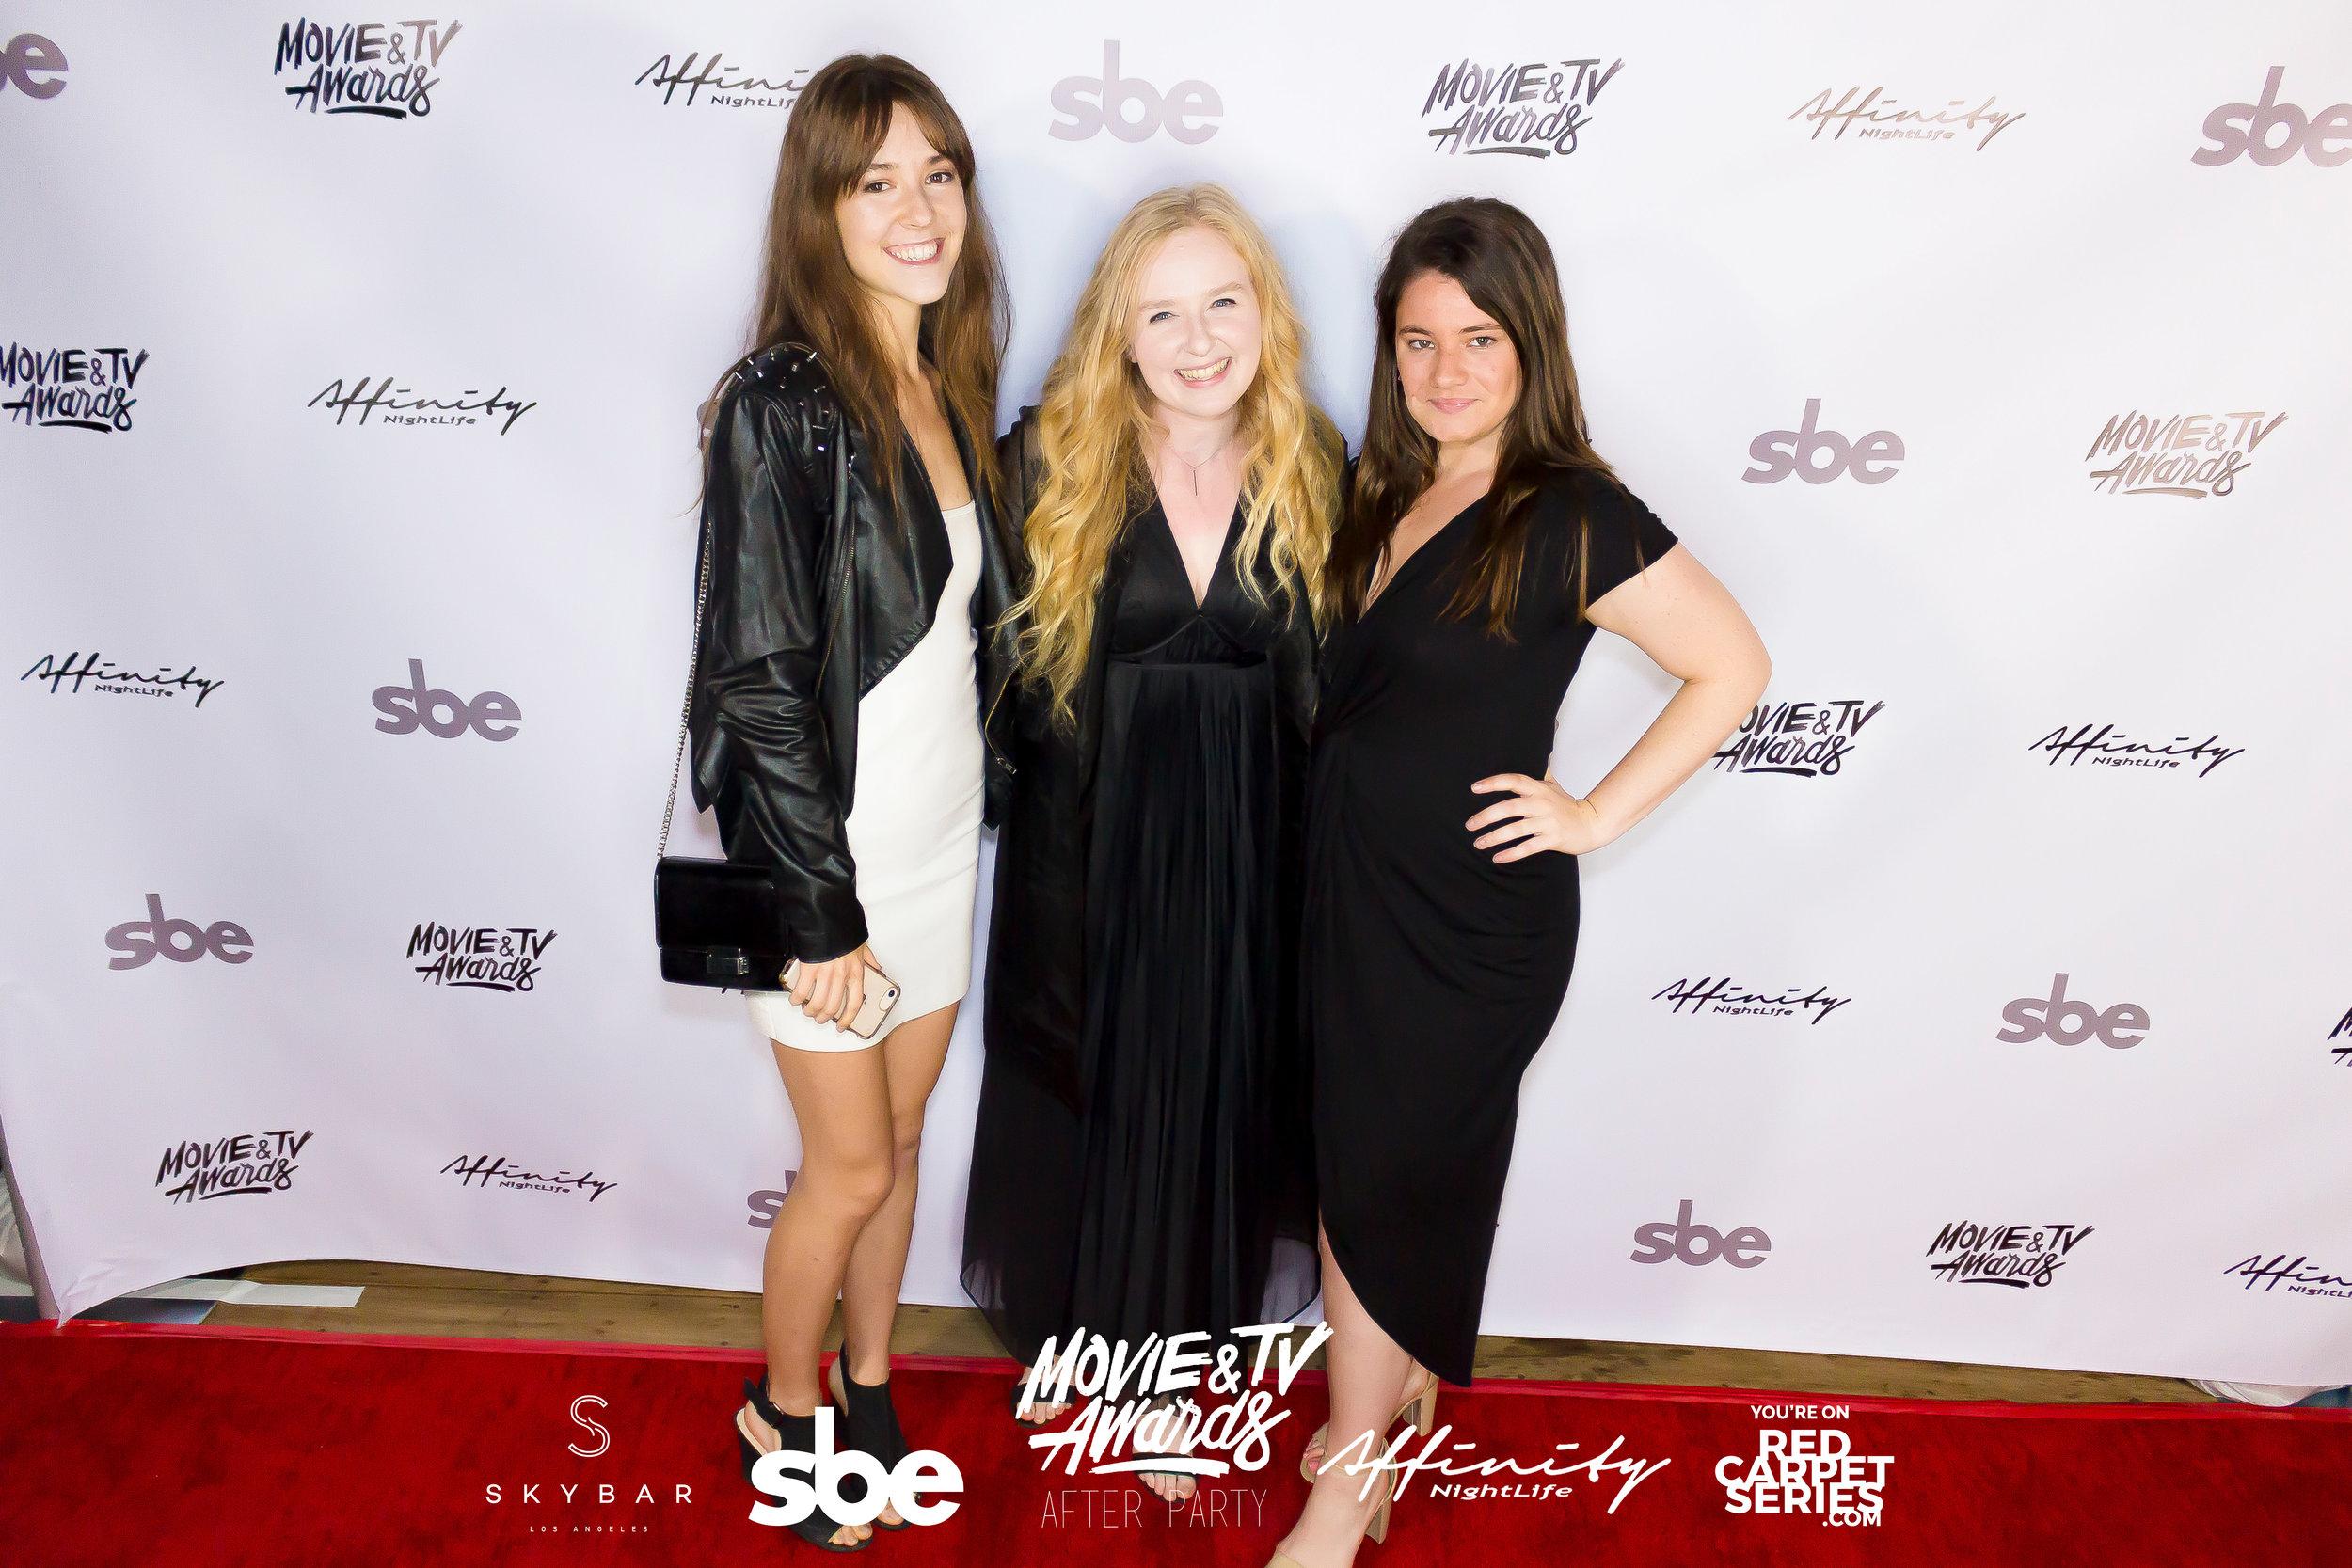 Affinity Nightlife MTV Movie & TV Awards After Party - Skybar at Mondrian - 06-15-19 - Vol. 2_67.jpg